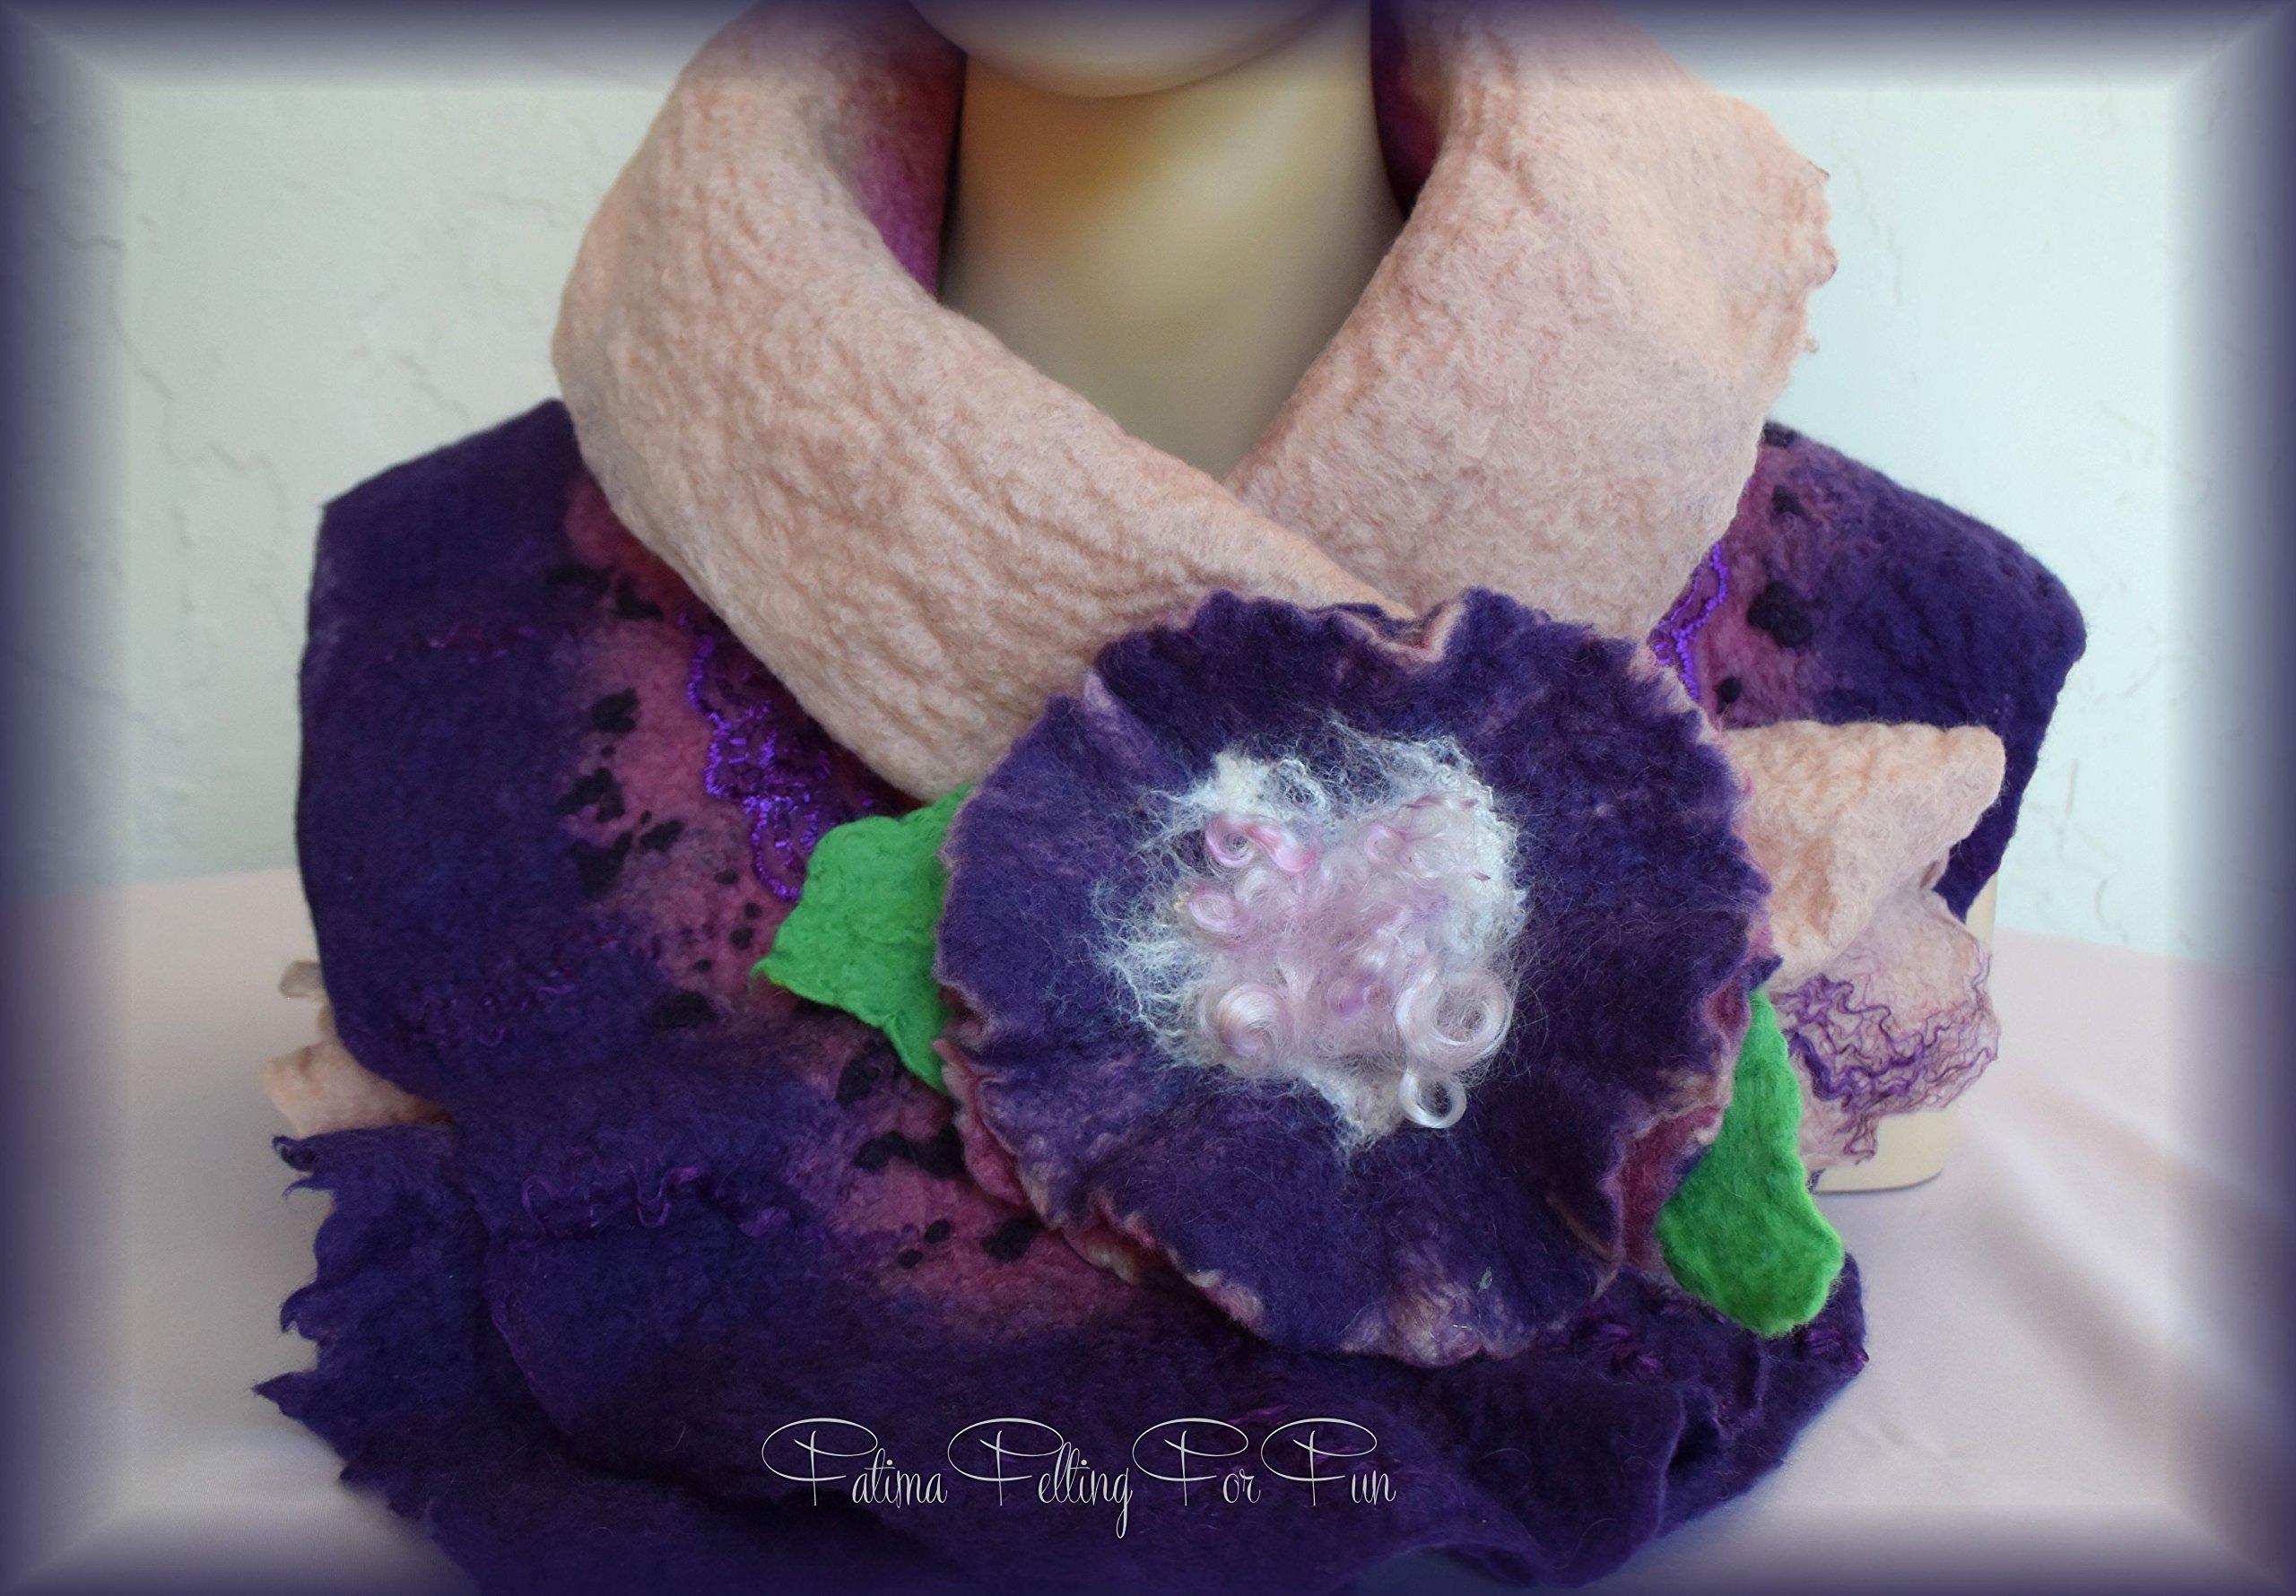 Purple Shade Scarf & Flower Brooch by Fatima Felting For Fun